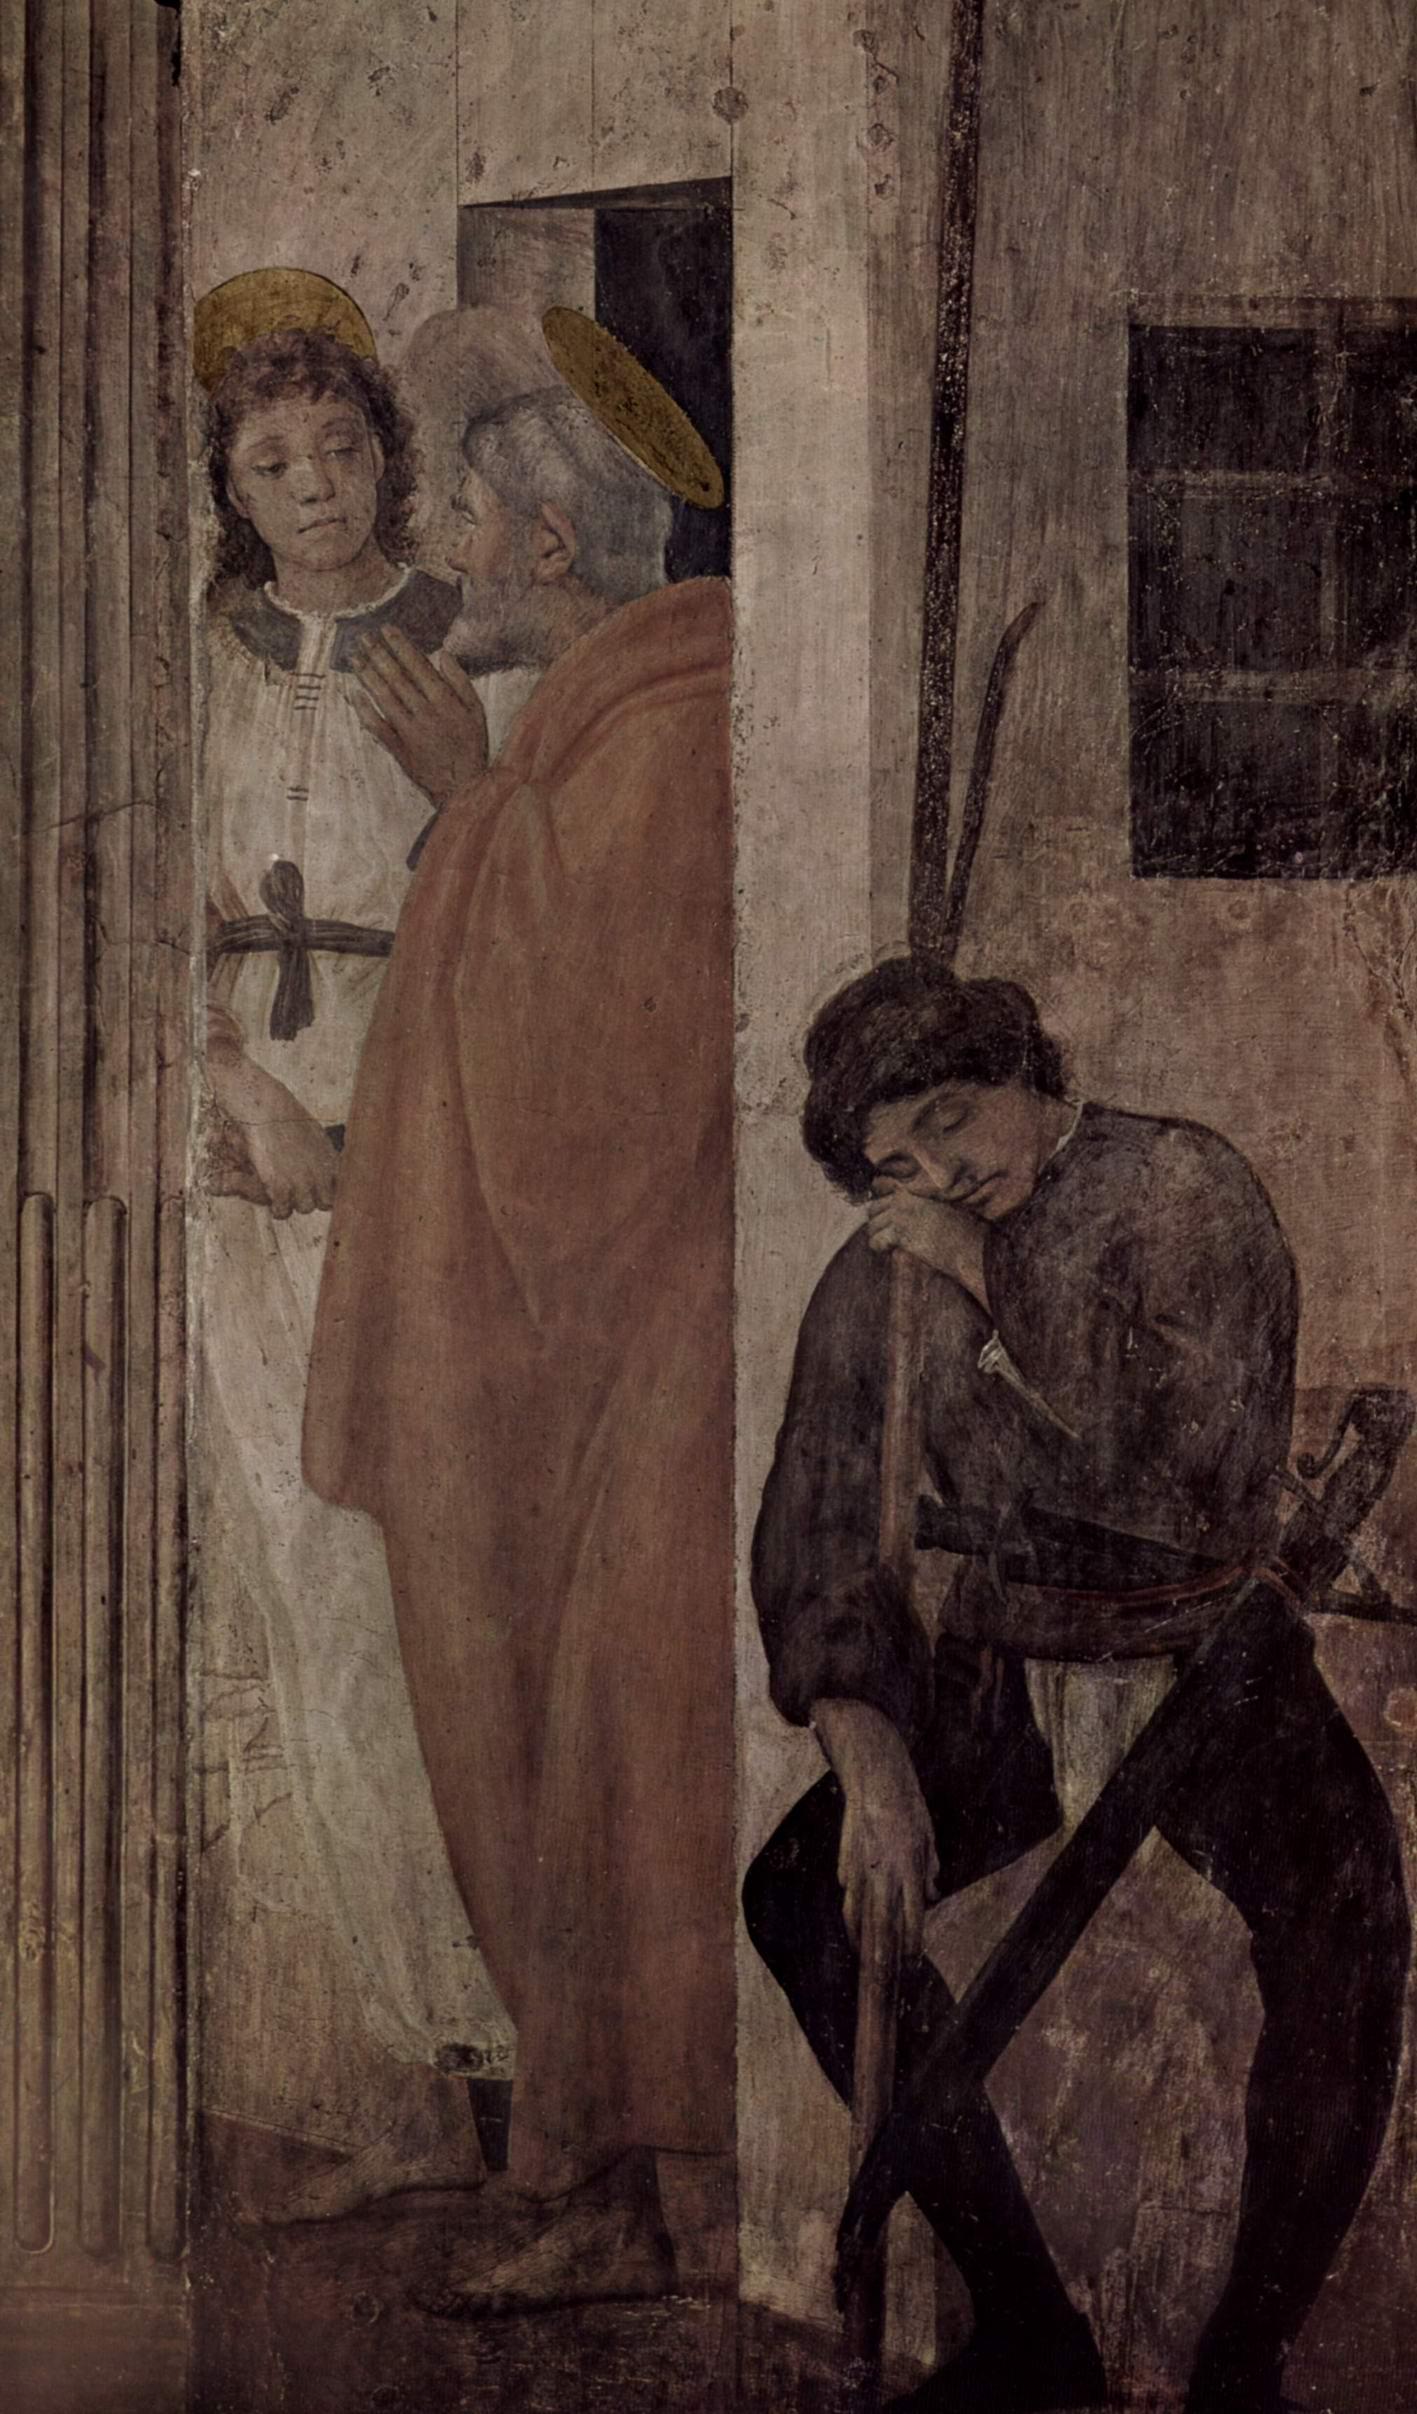 Цикл фресок в капелле Бранкаччи в Санта Мария дель Кармине (Флоренция). Ангел освобождает Петра из темницы, Липпи Филиппино